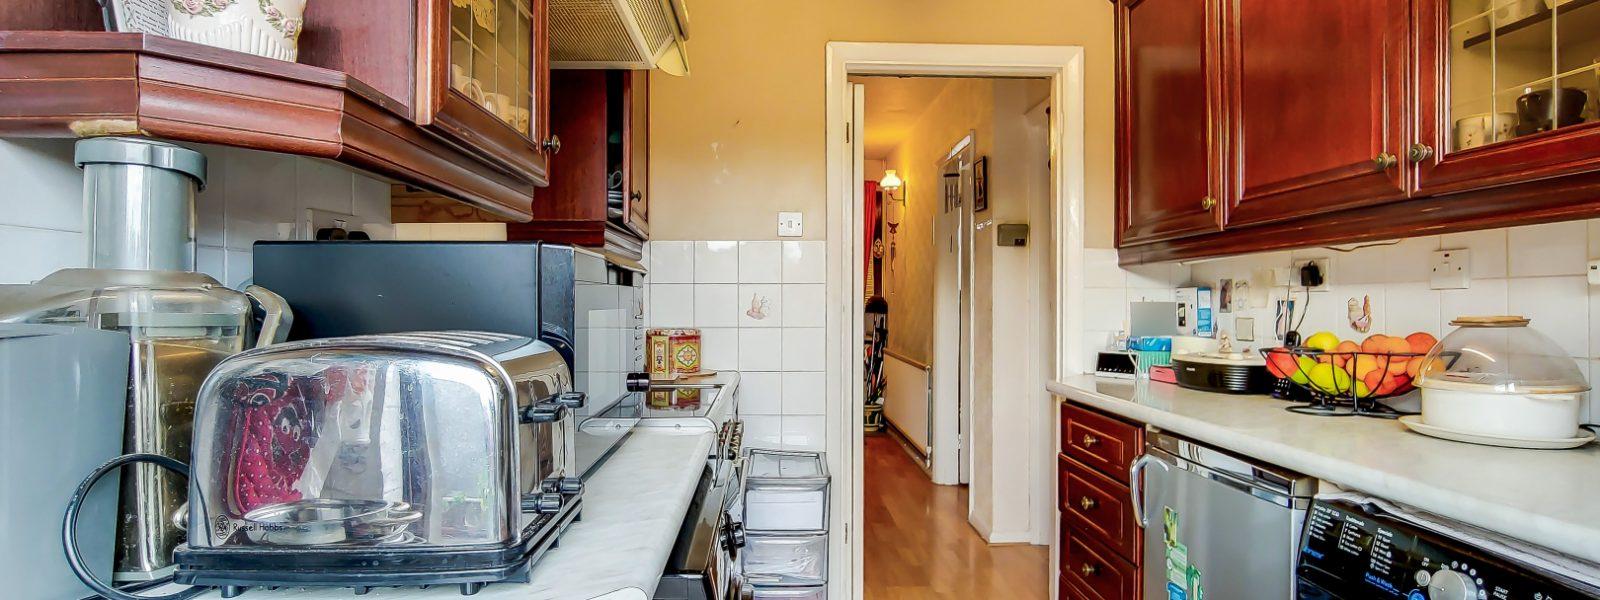 5_Kitchen-1